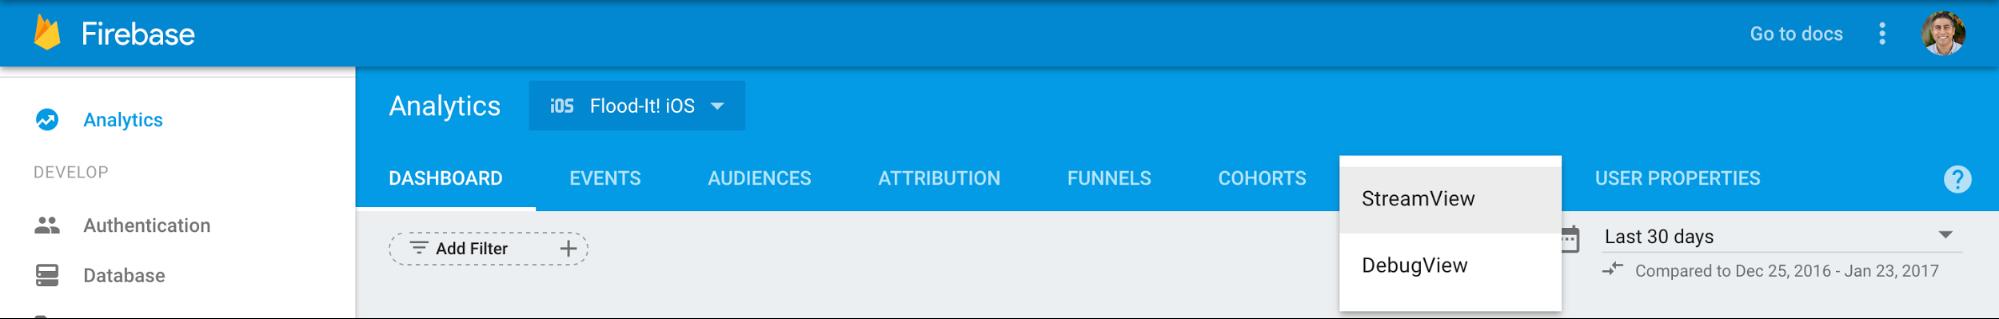 Google アナリティクスの上部ナビゲーションで [StreamView] の横の矢印をクリックして [DebugView] を選択し、DebugView に移動します